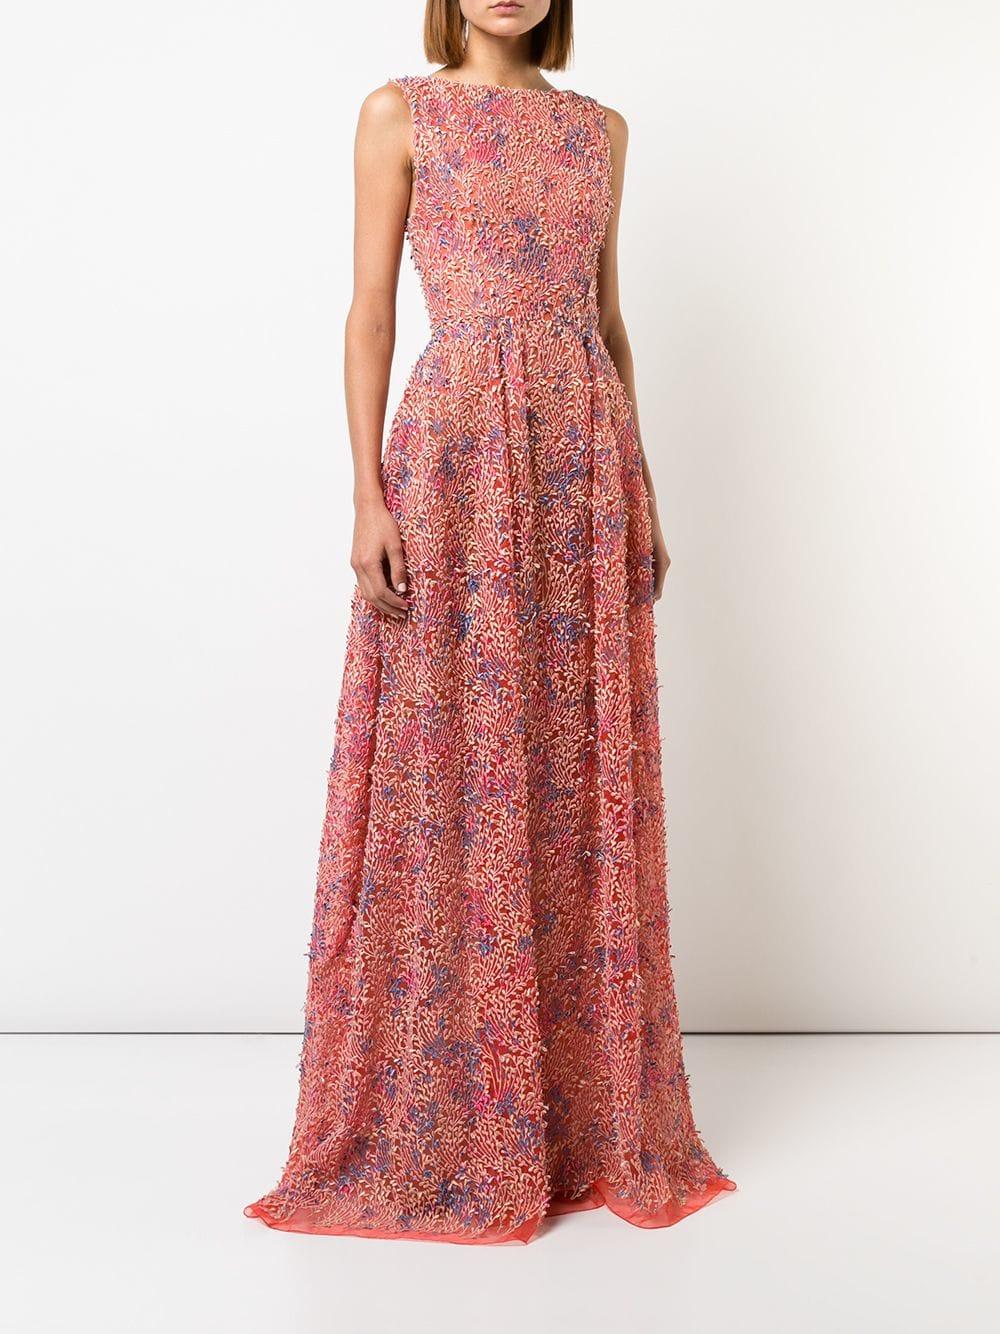 carolina herrera pink floral maxi dress